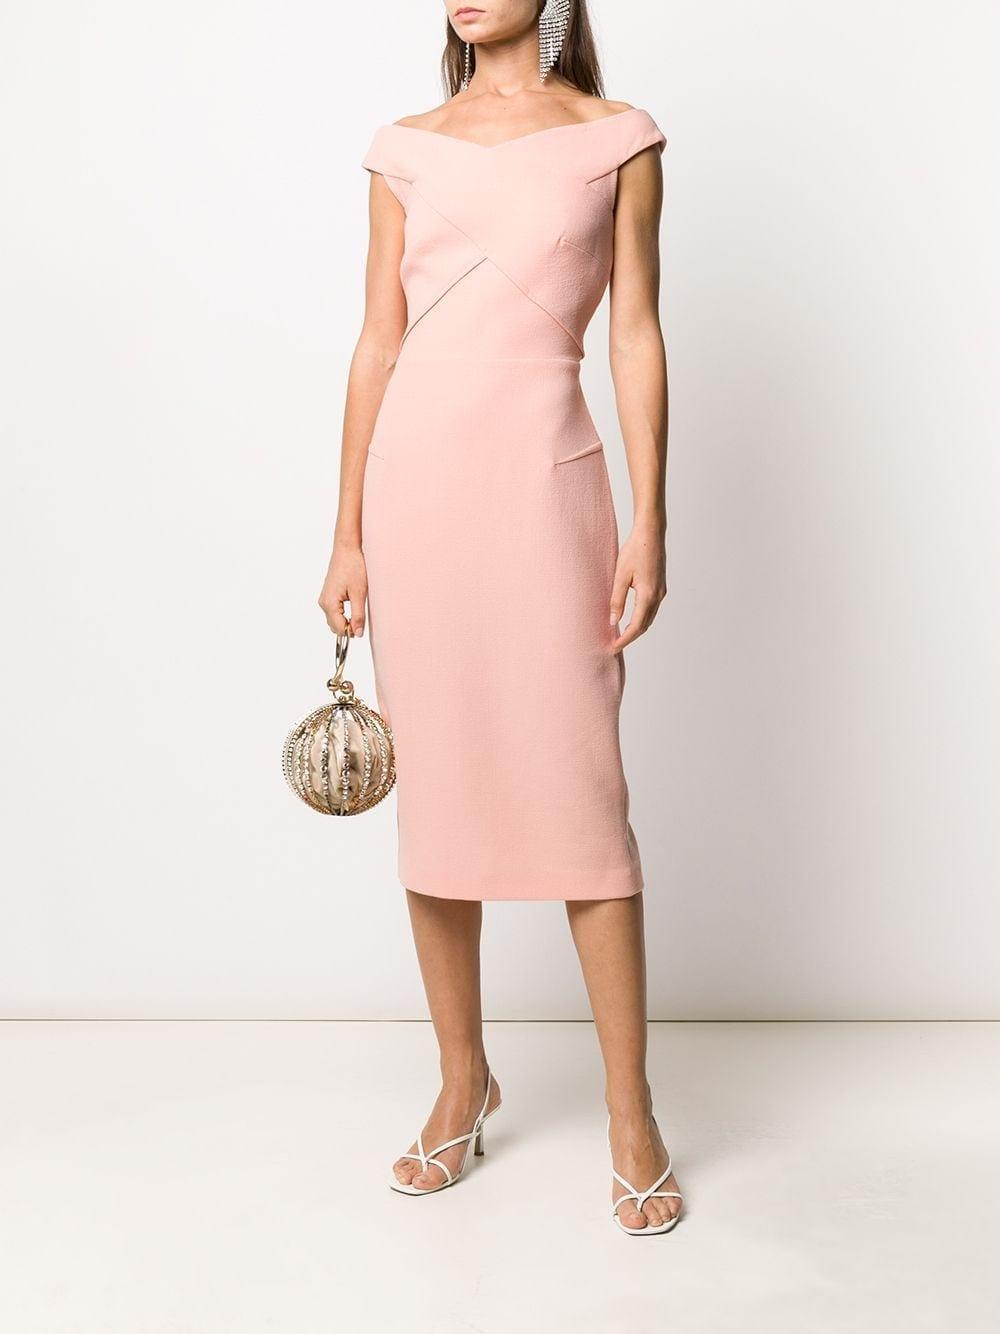 ROLAND MOURET Amarula Off-the-shoulder Dress